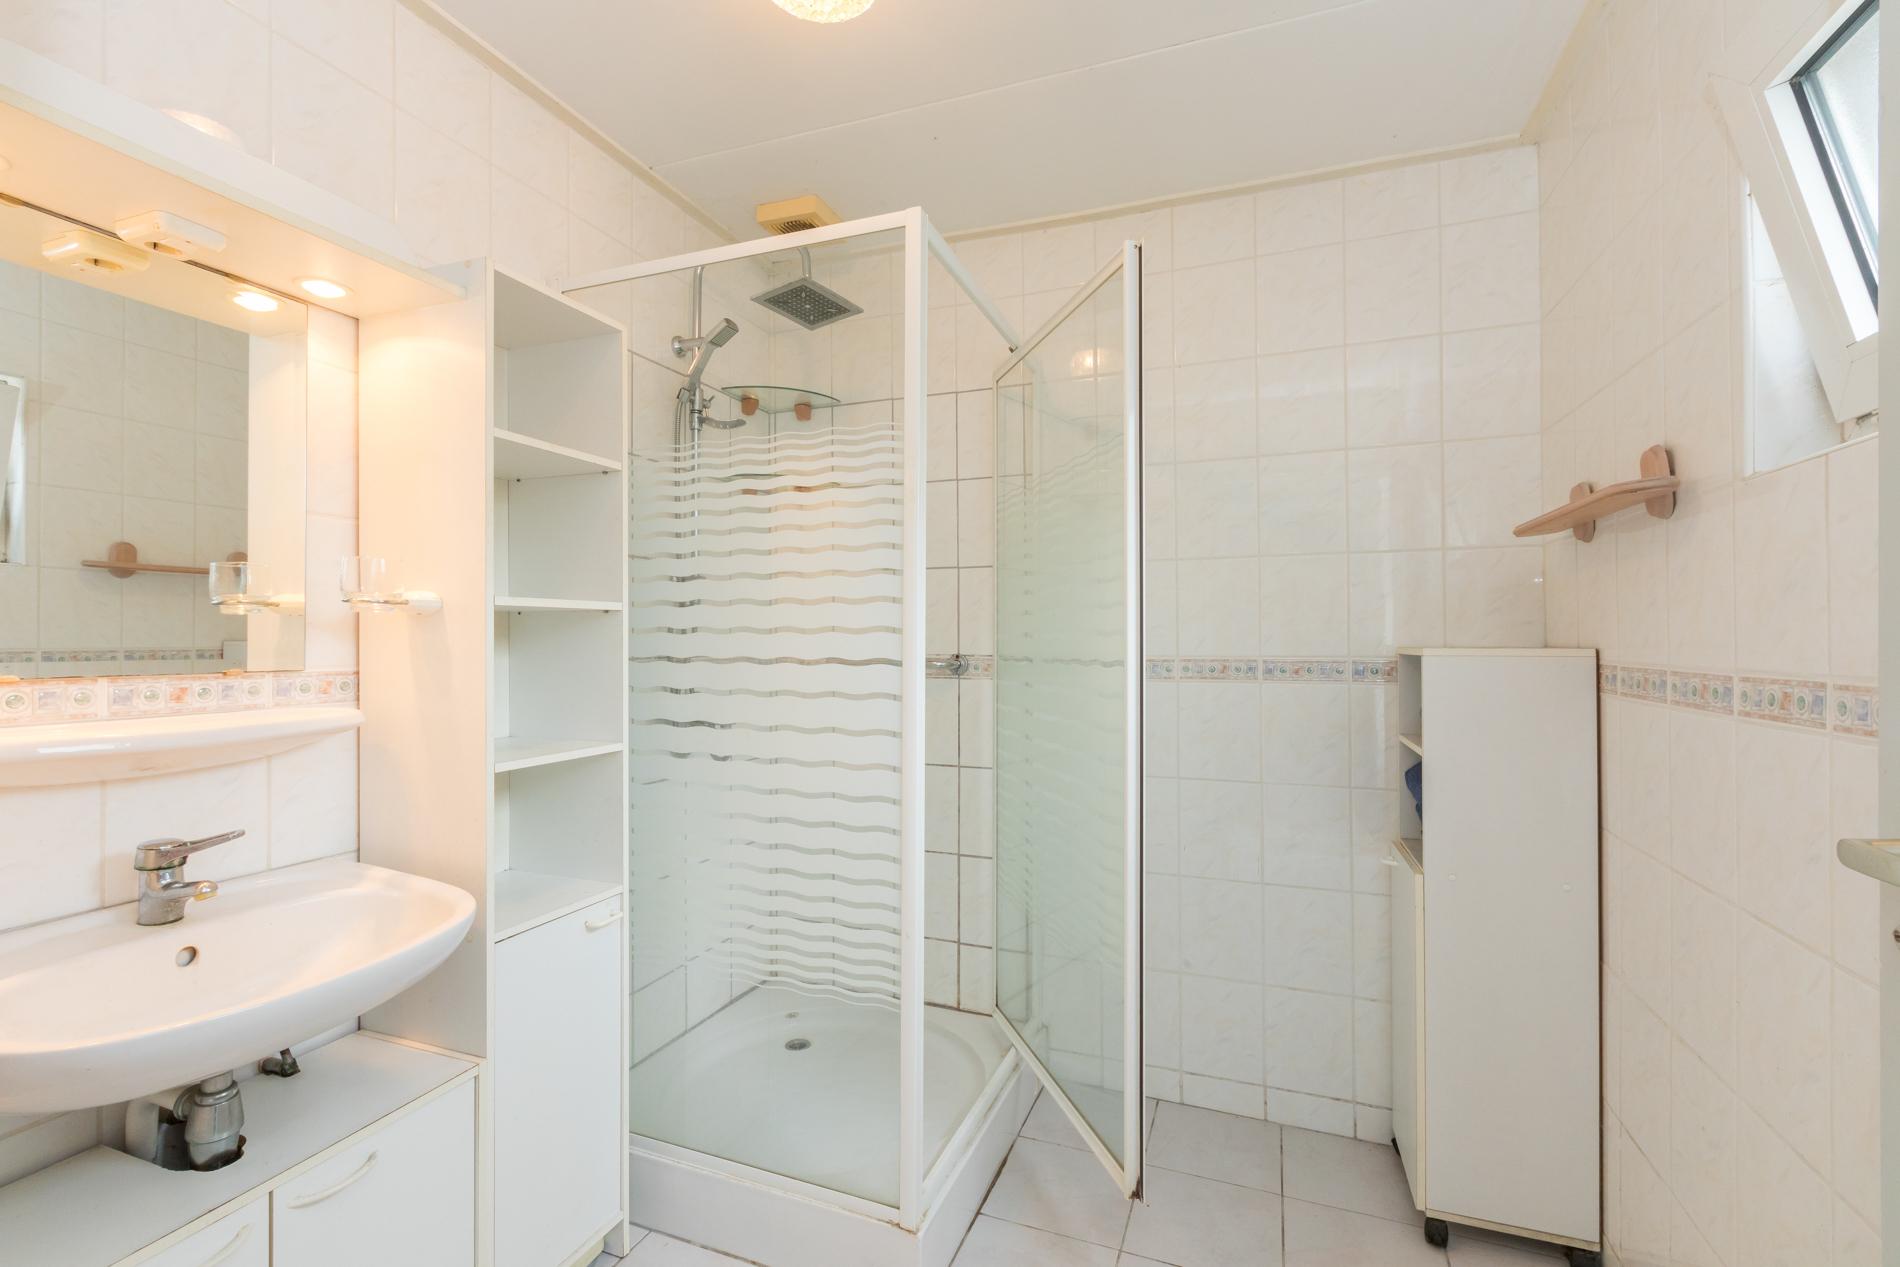 badkamer Veerweg 11 Wolphaartsdijk ism makelaars